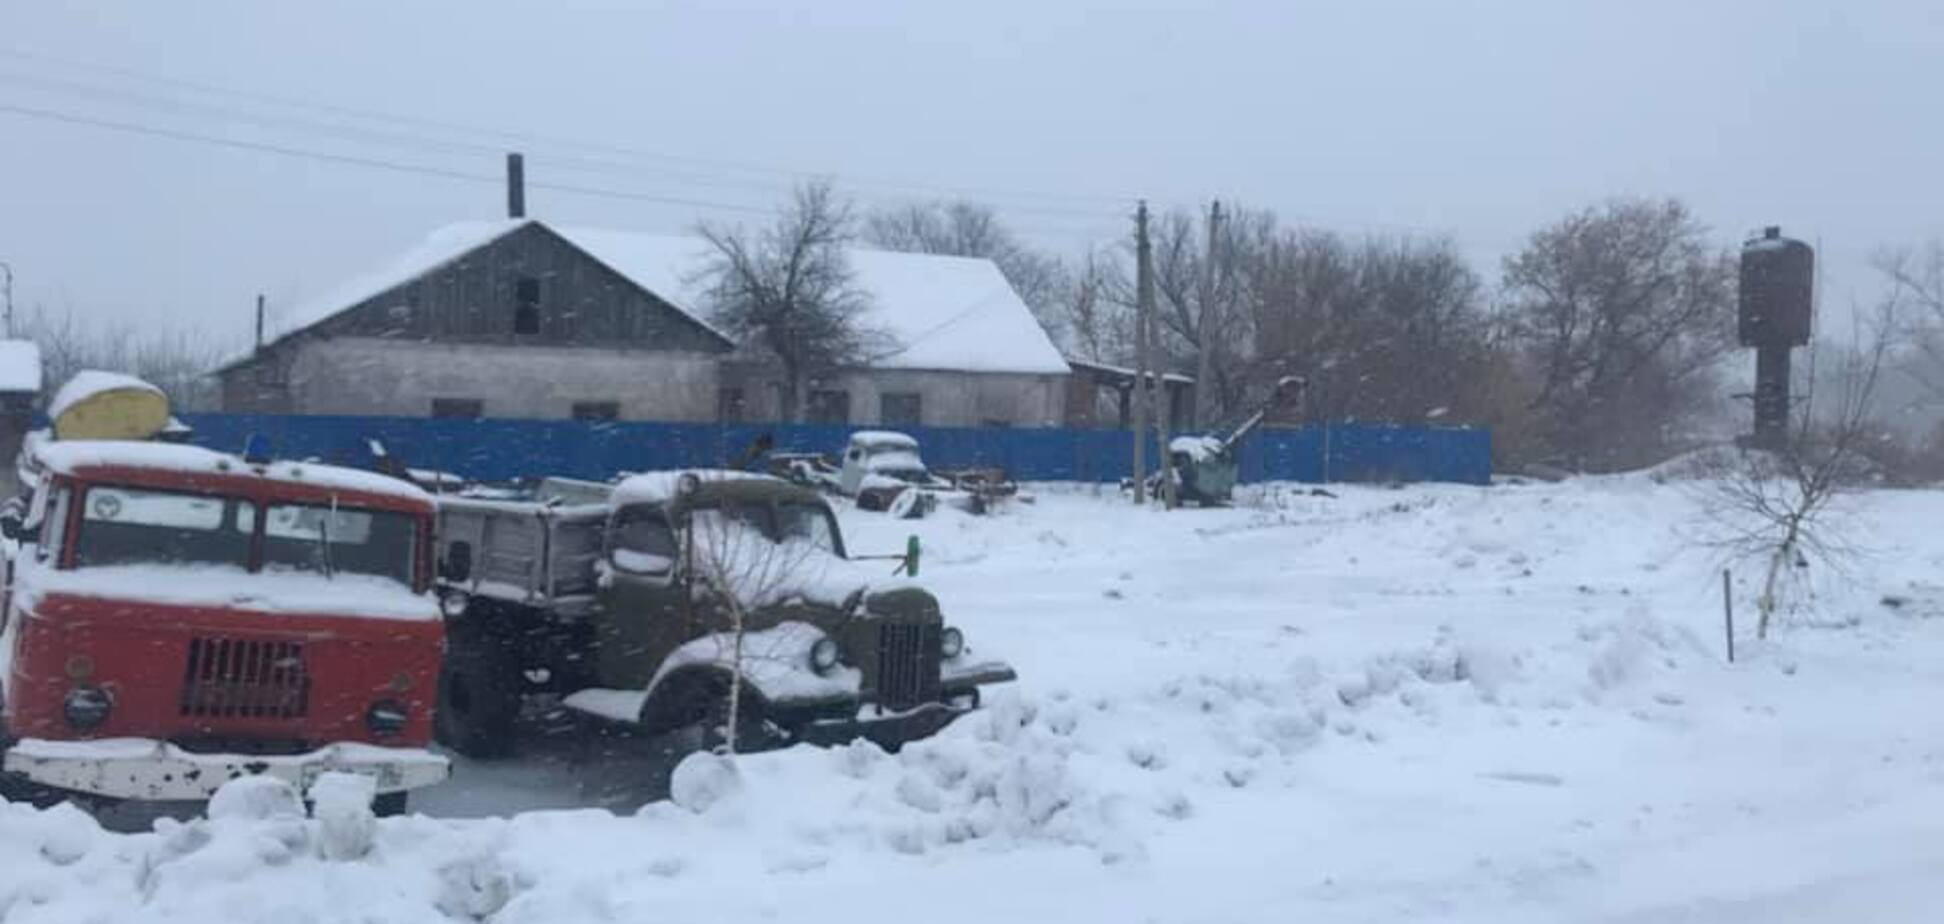 Половина домов заброшена и разрушена: как живет российская глубинка